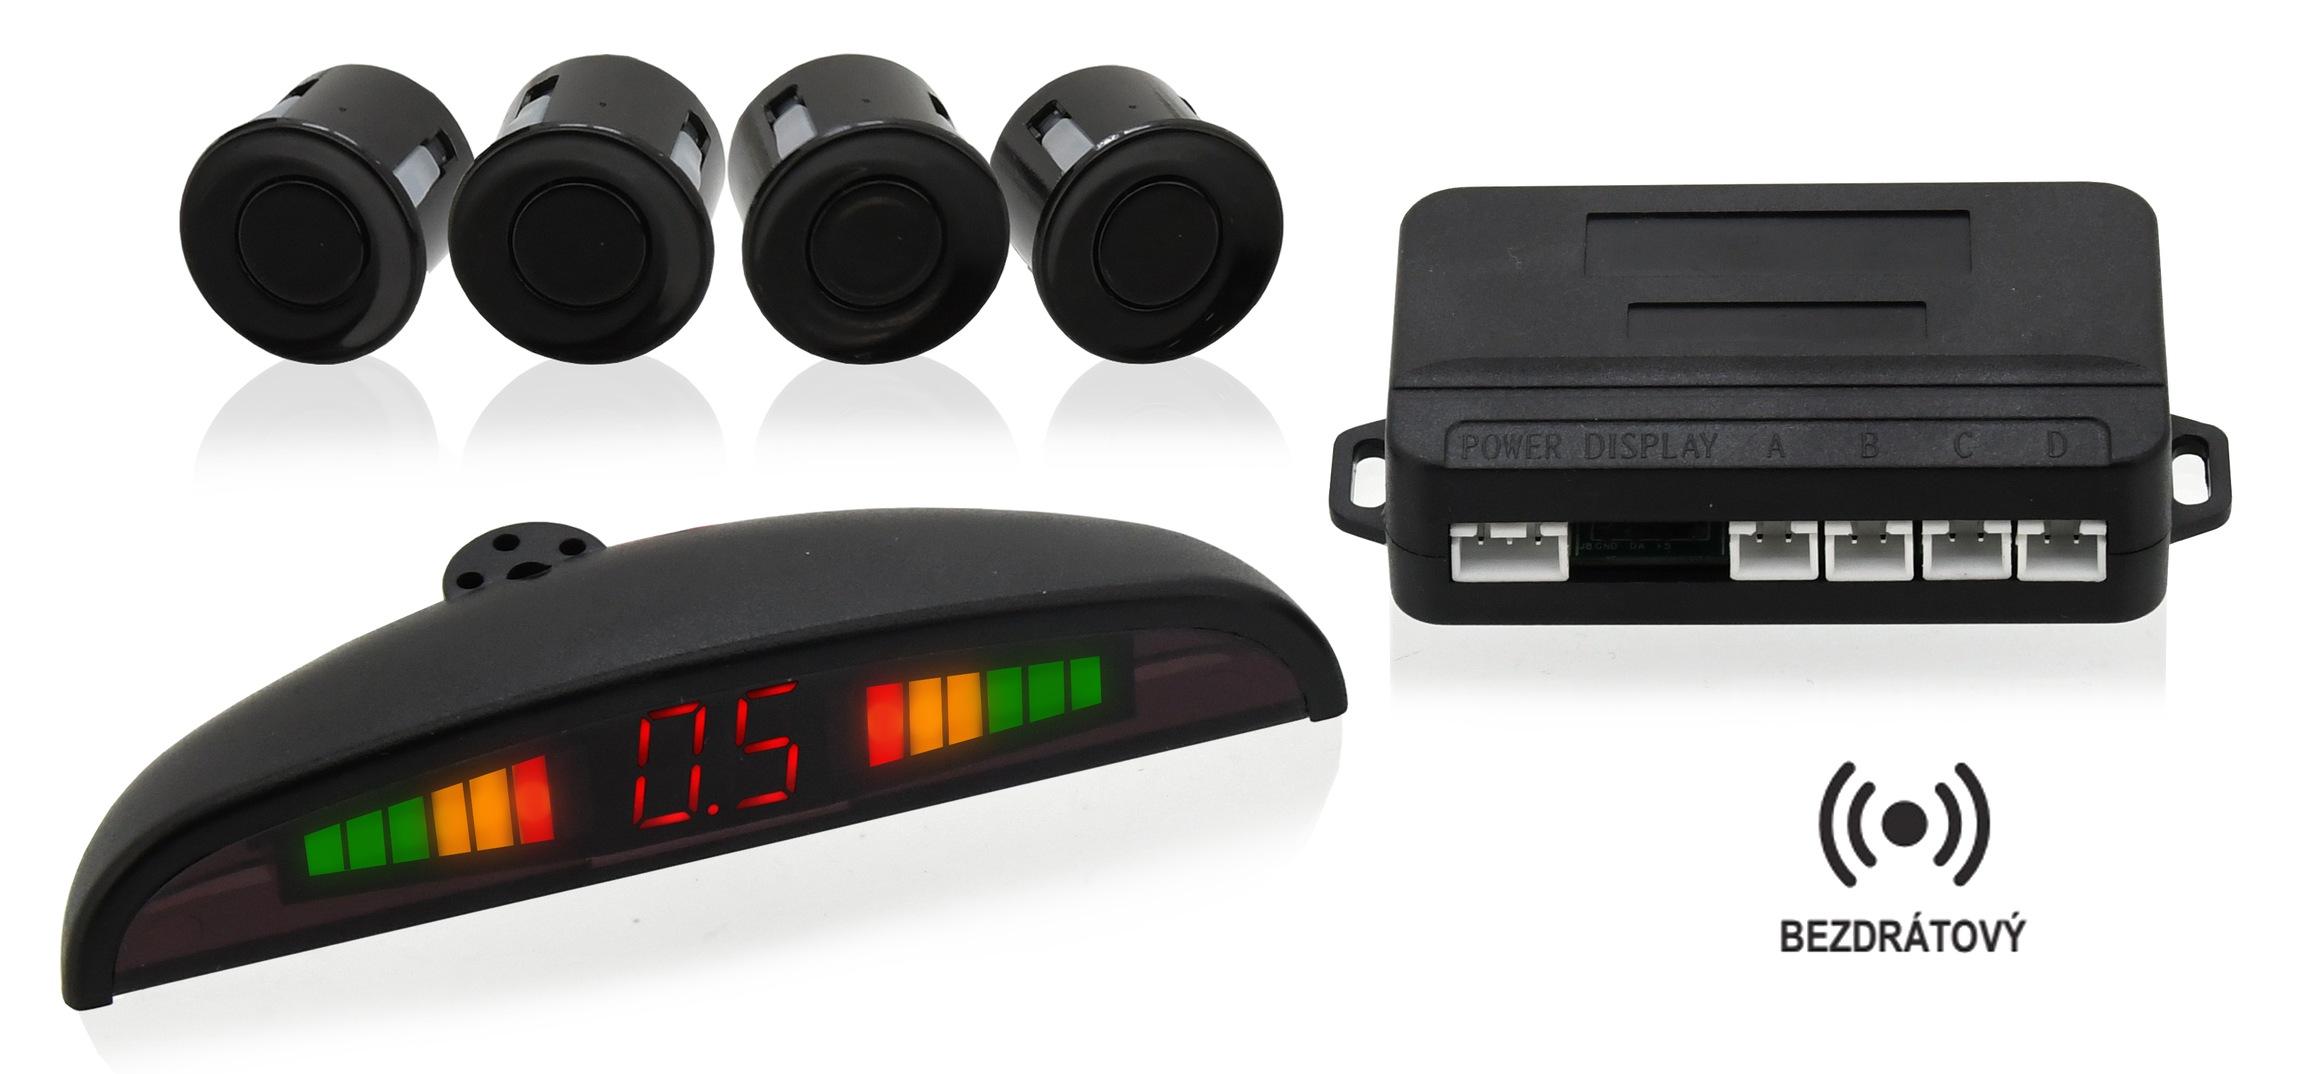 Parkovací asistent 4 senzory. LED display. bezdrátový